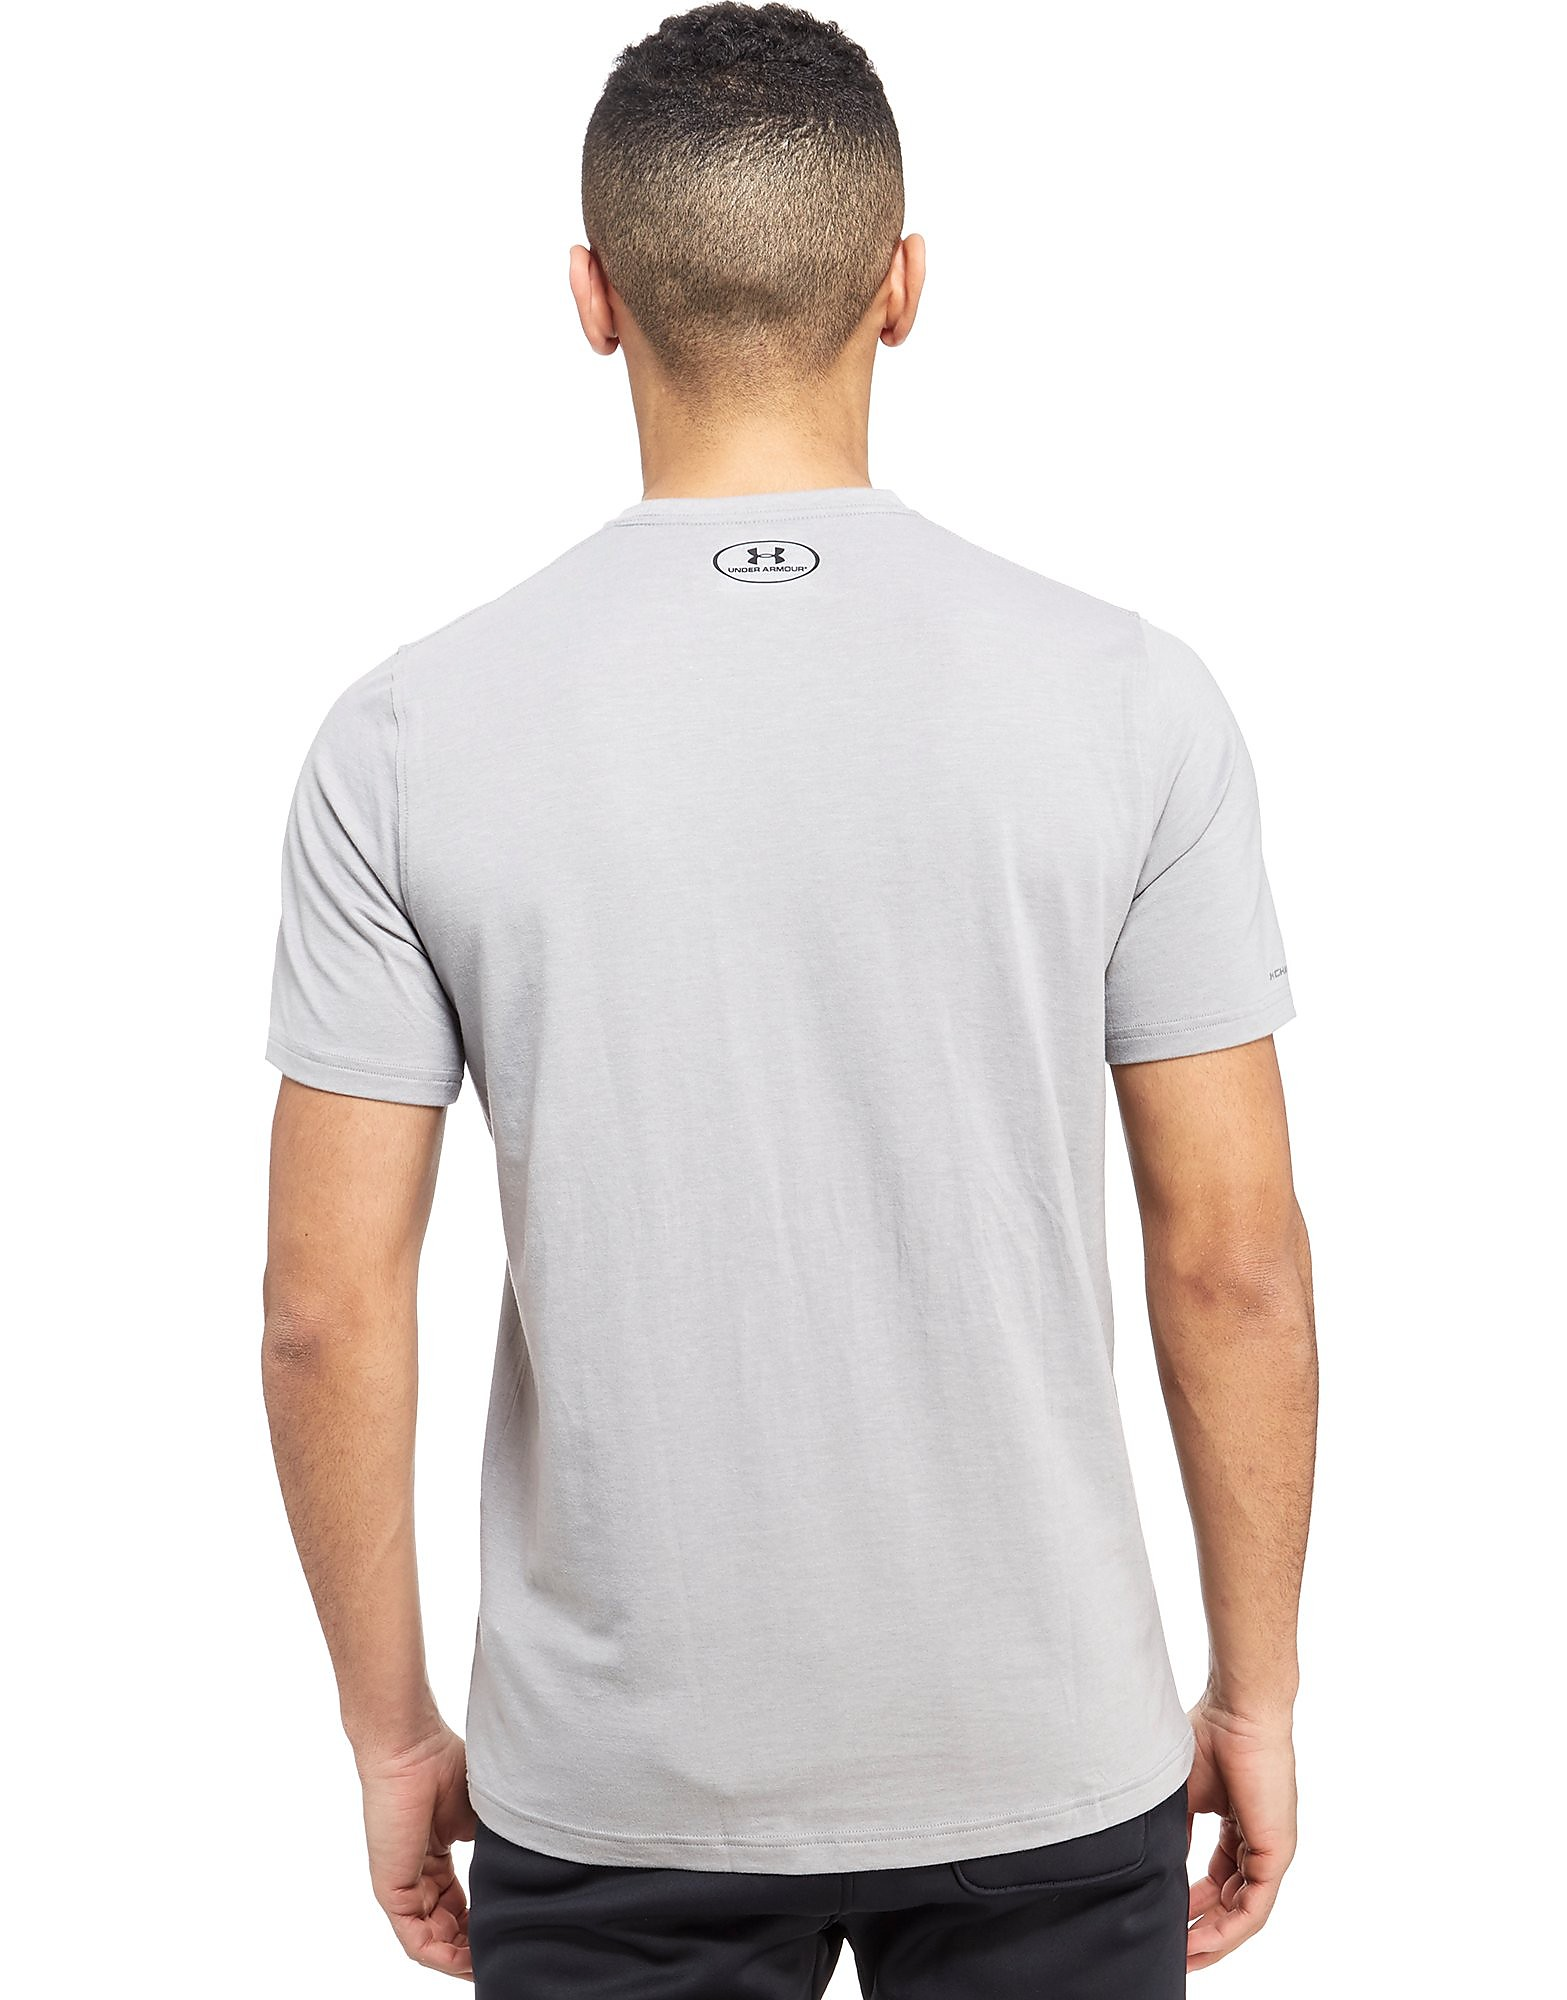 Under Armour T-shirt avec logo Sport